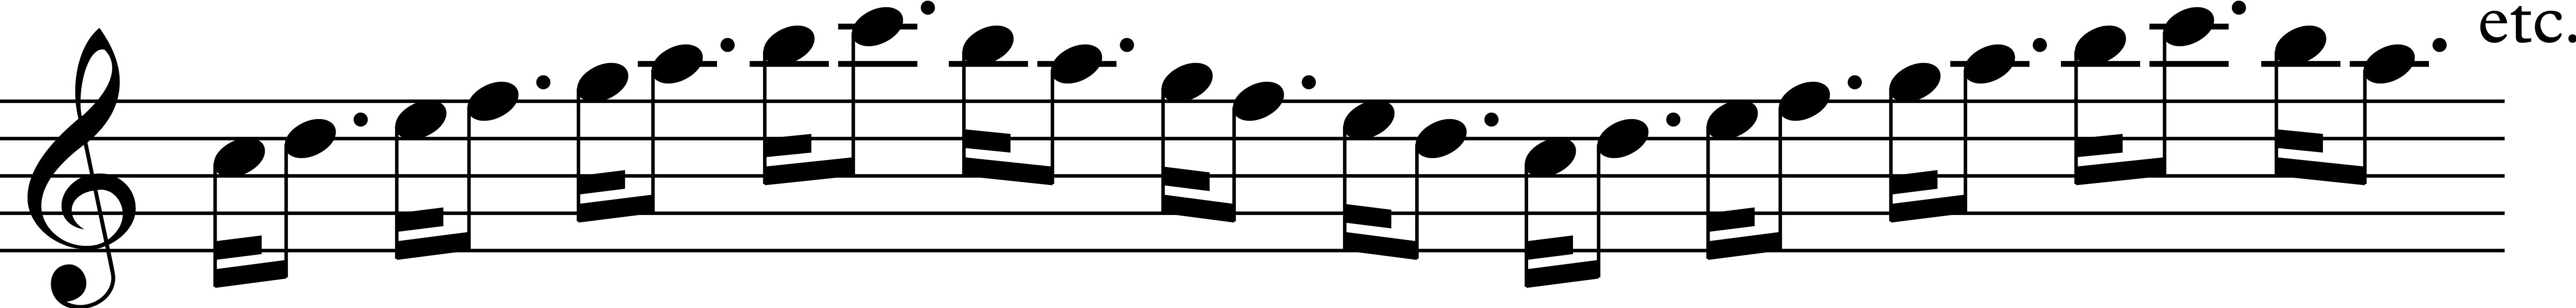 Scale 3 rhythm 1b.jpg